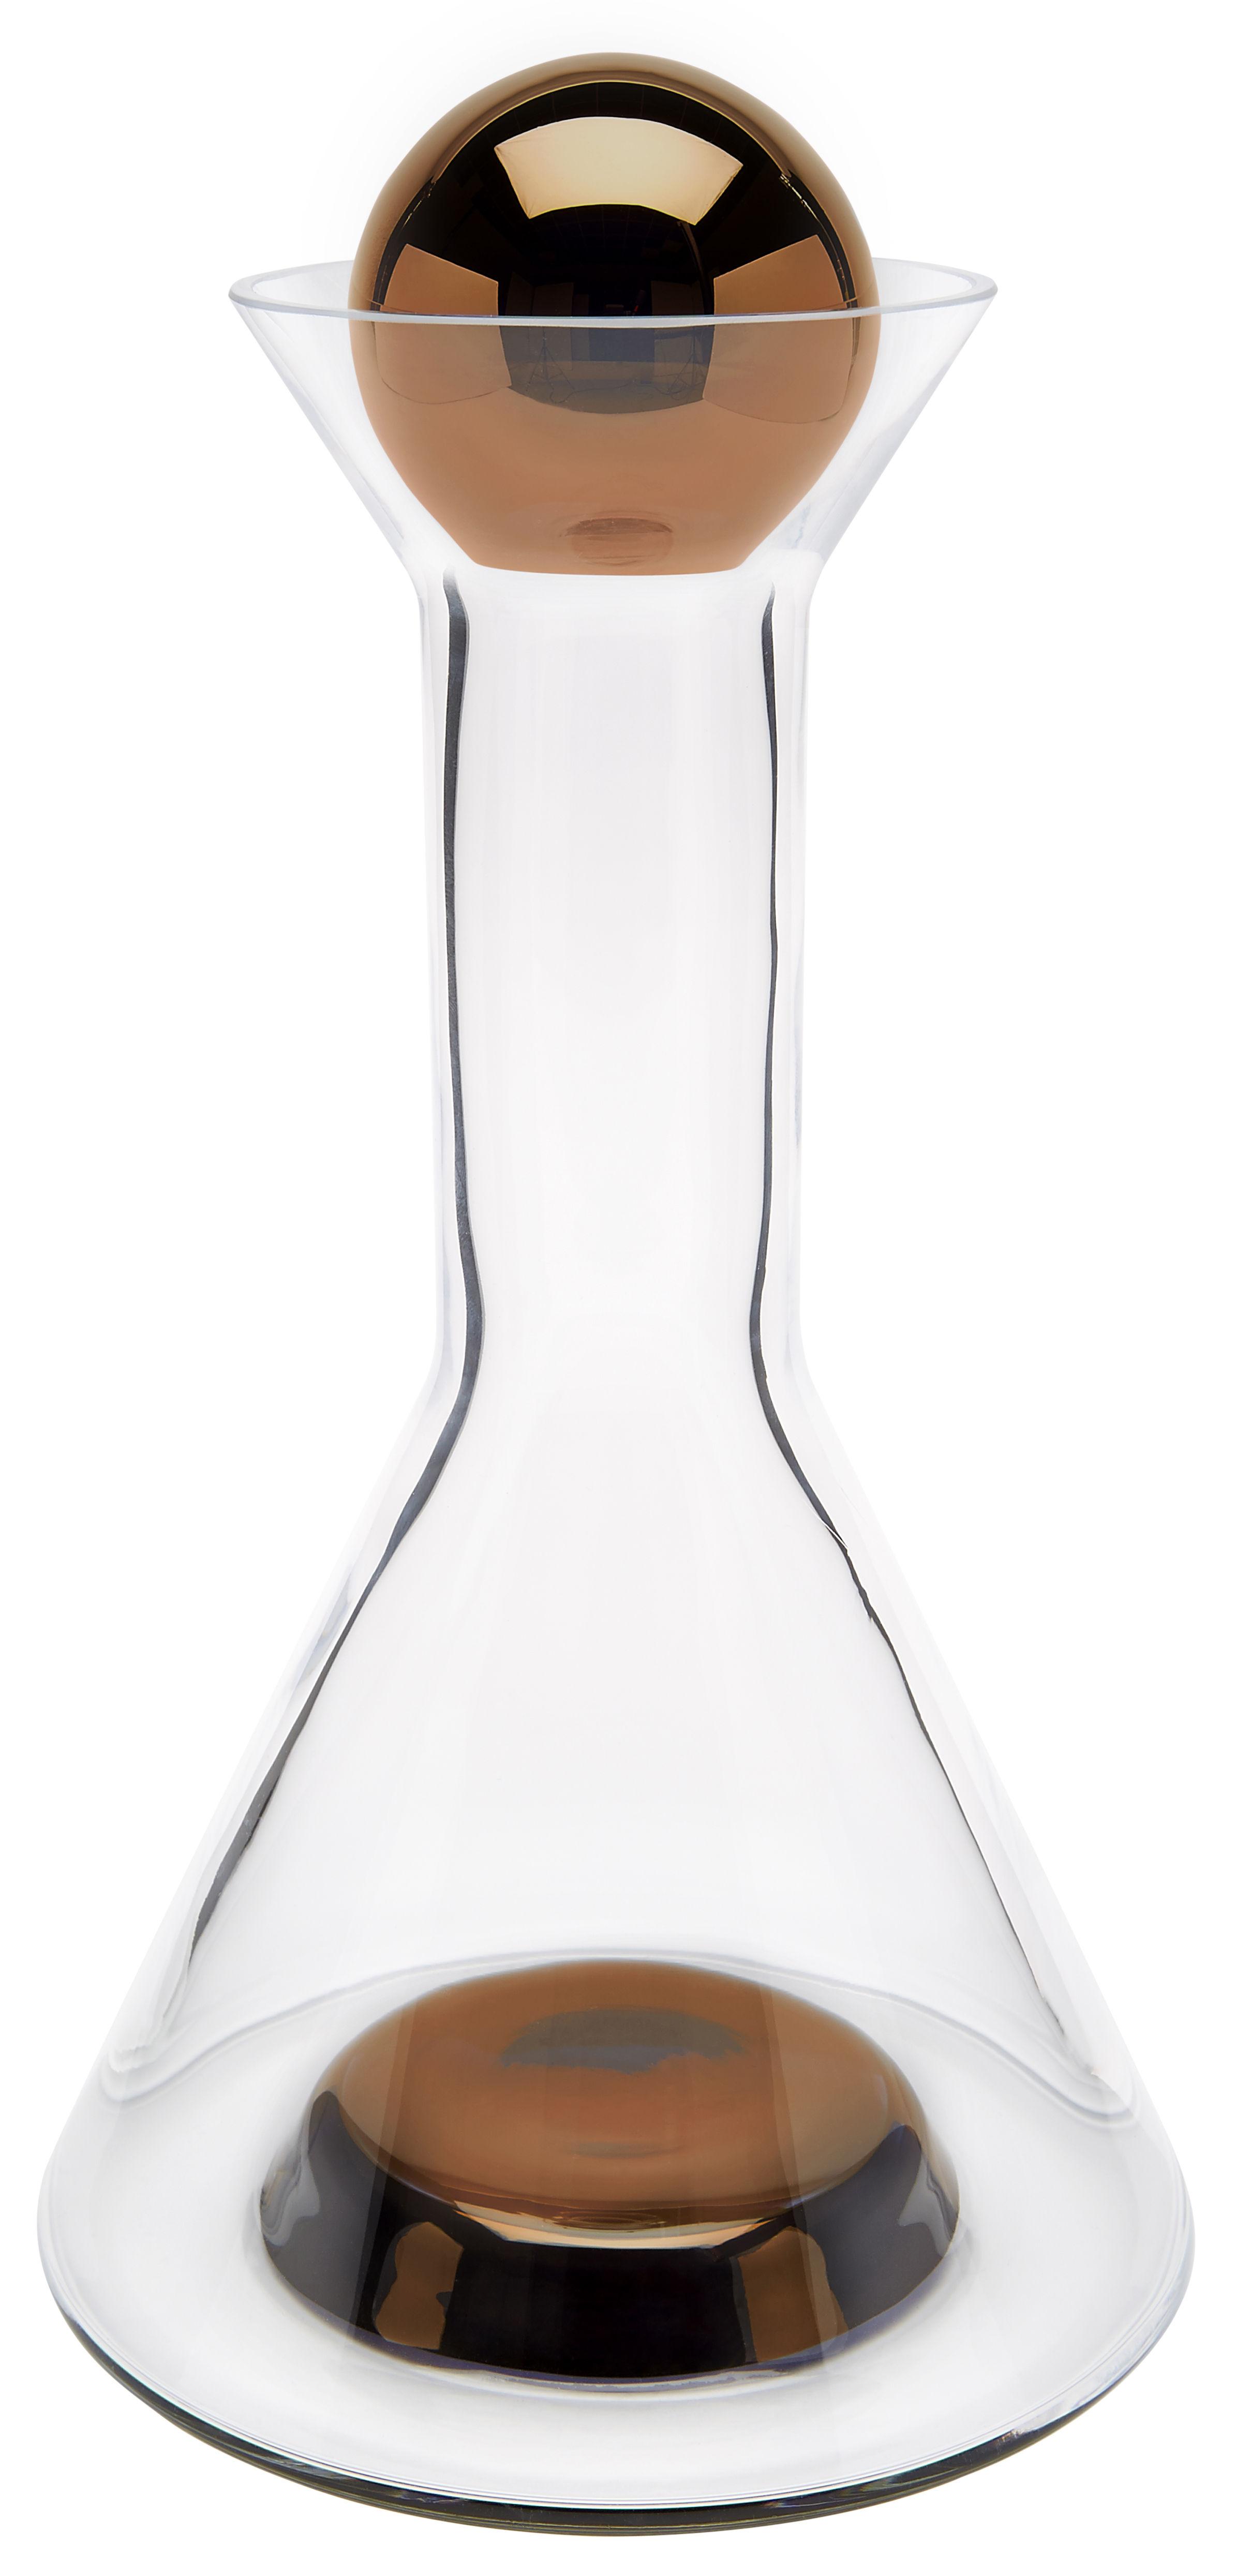 Arts de la table - Carafes et décanteurs - Décanteur Tank / Ø 17 x H 27 cm - Tom Dixon - Transparent / Cuivre - Verre soufflé bouche